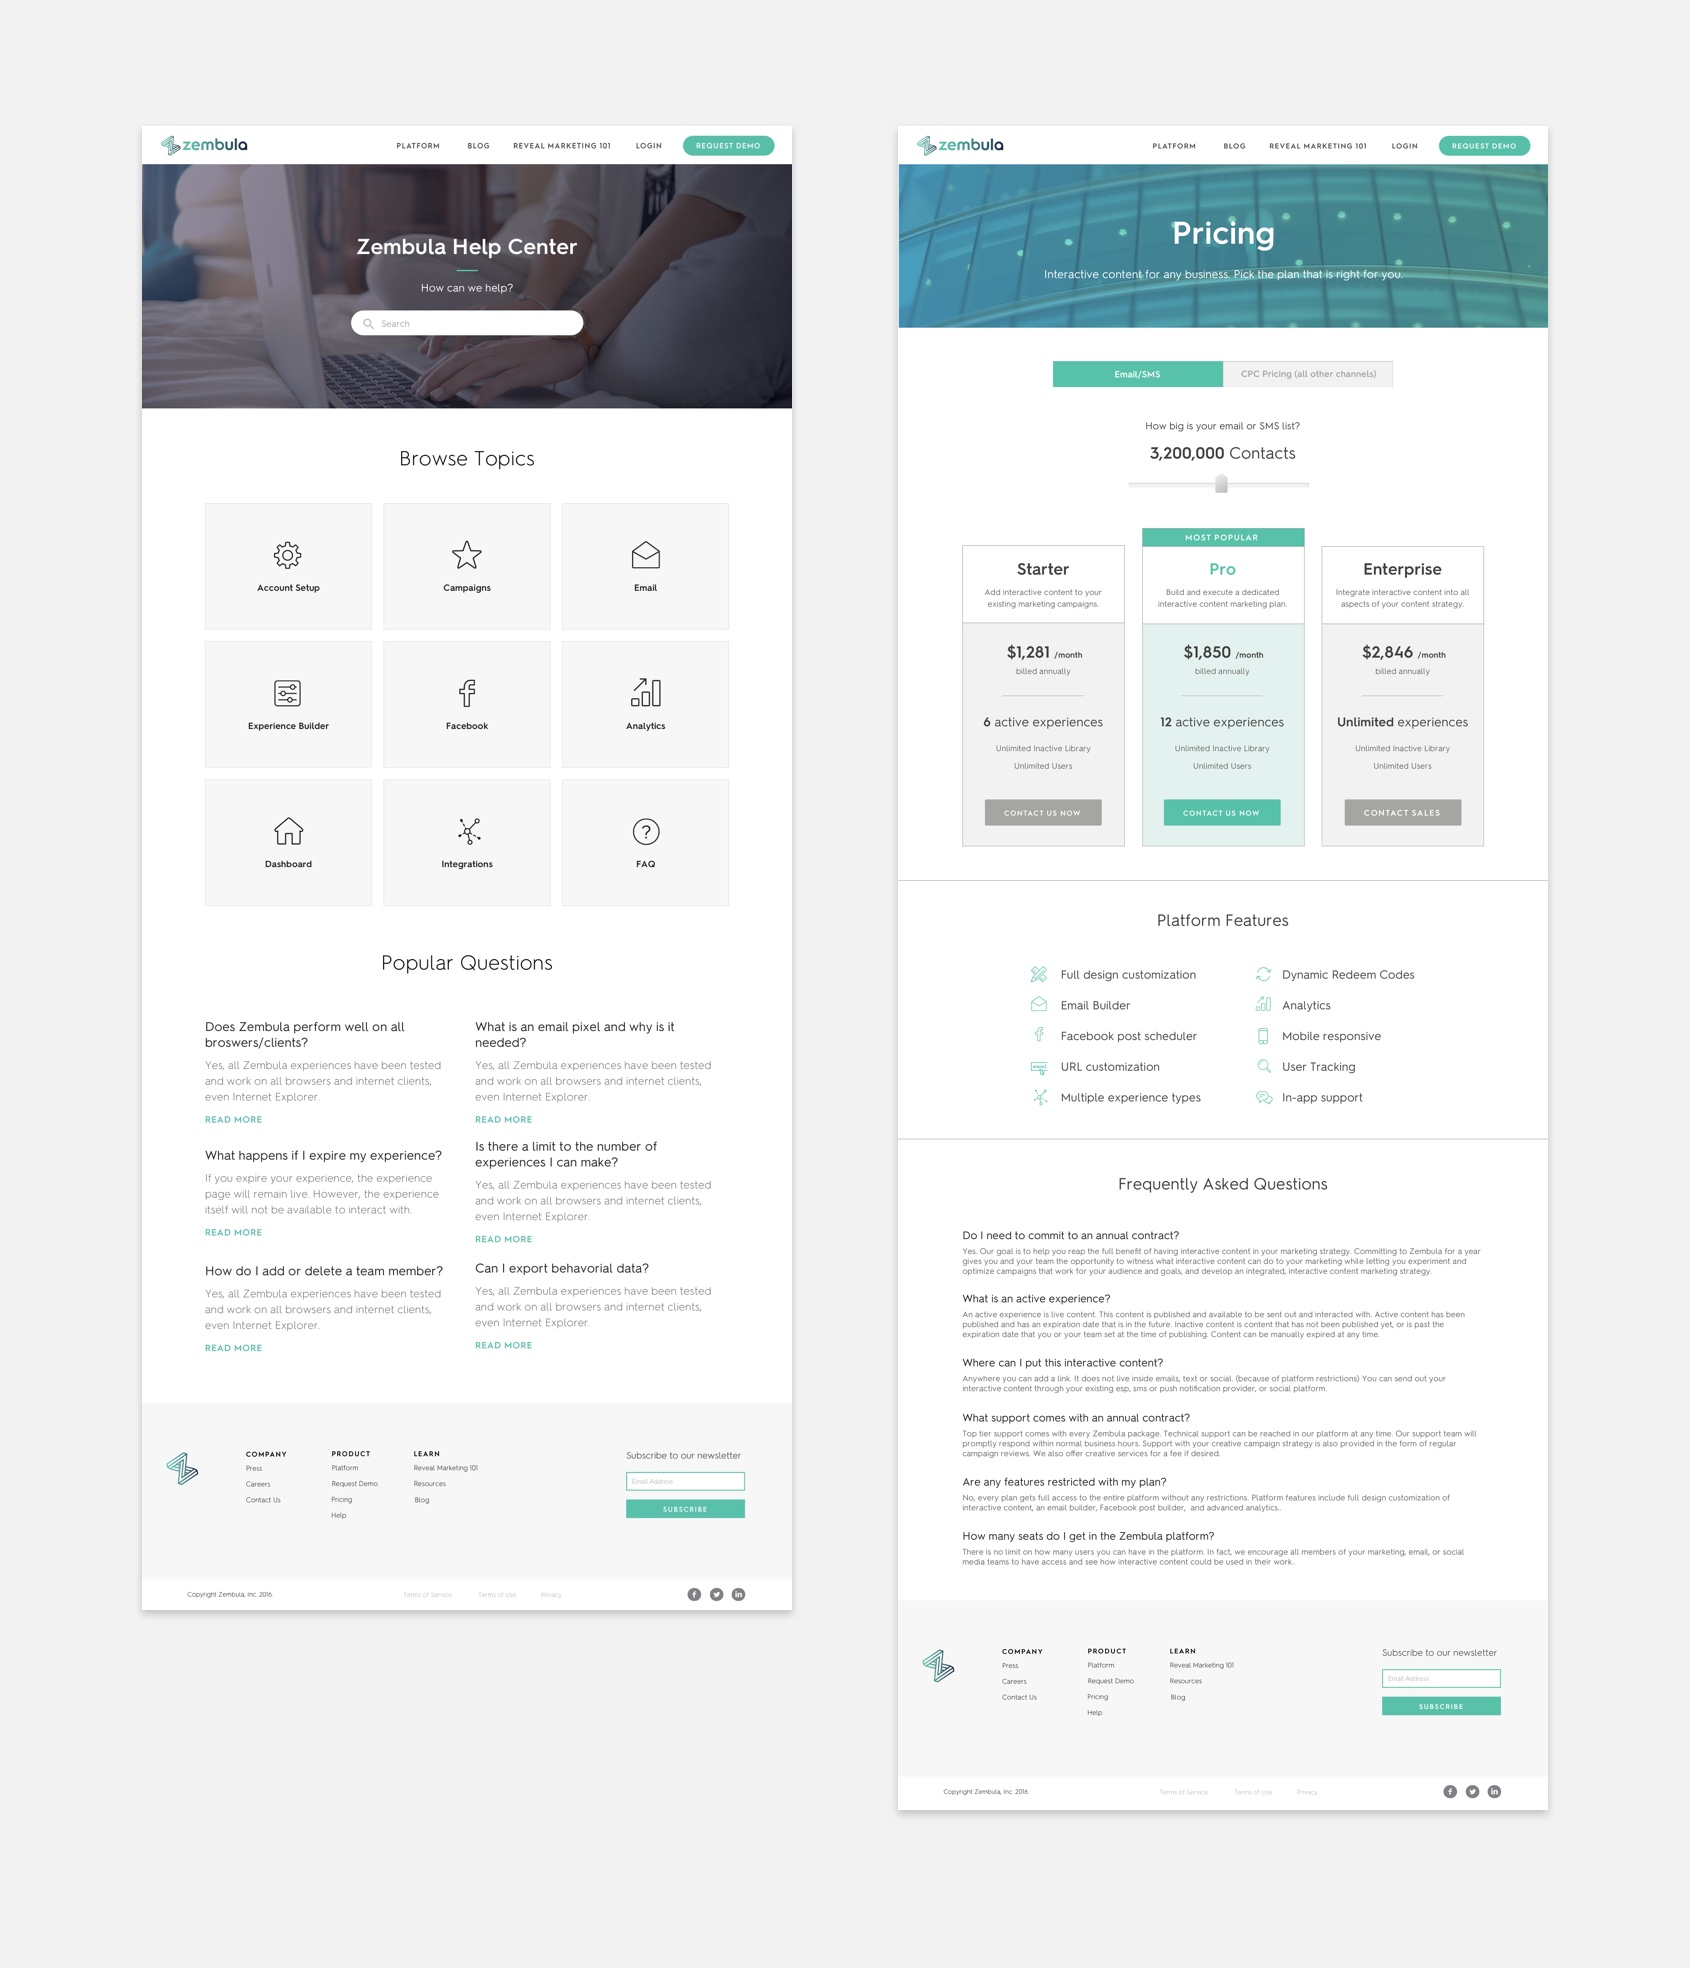 ZembulaBrand_Website 2.jpg